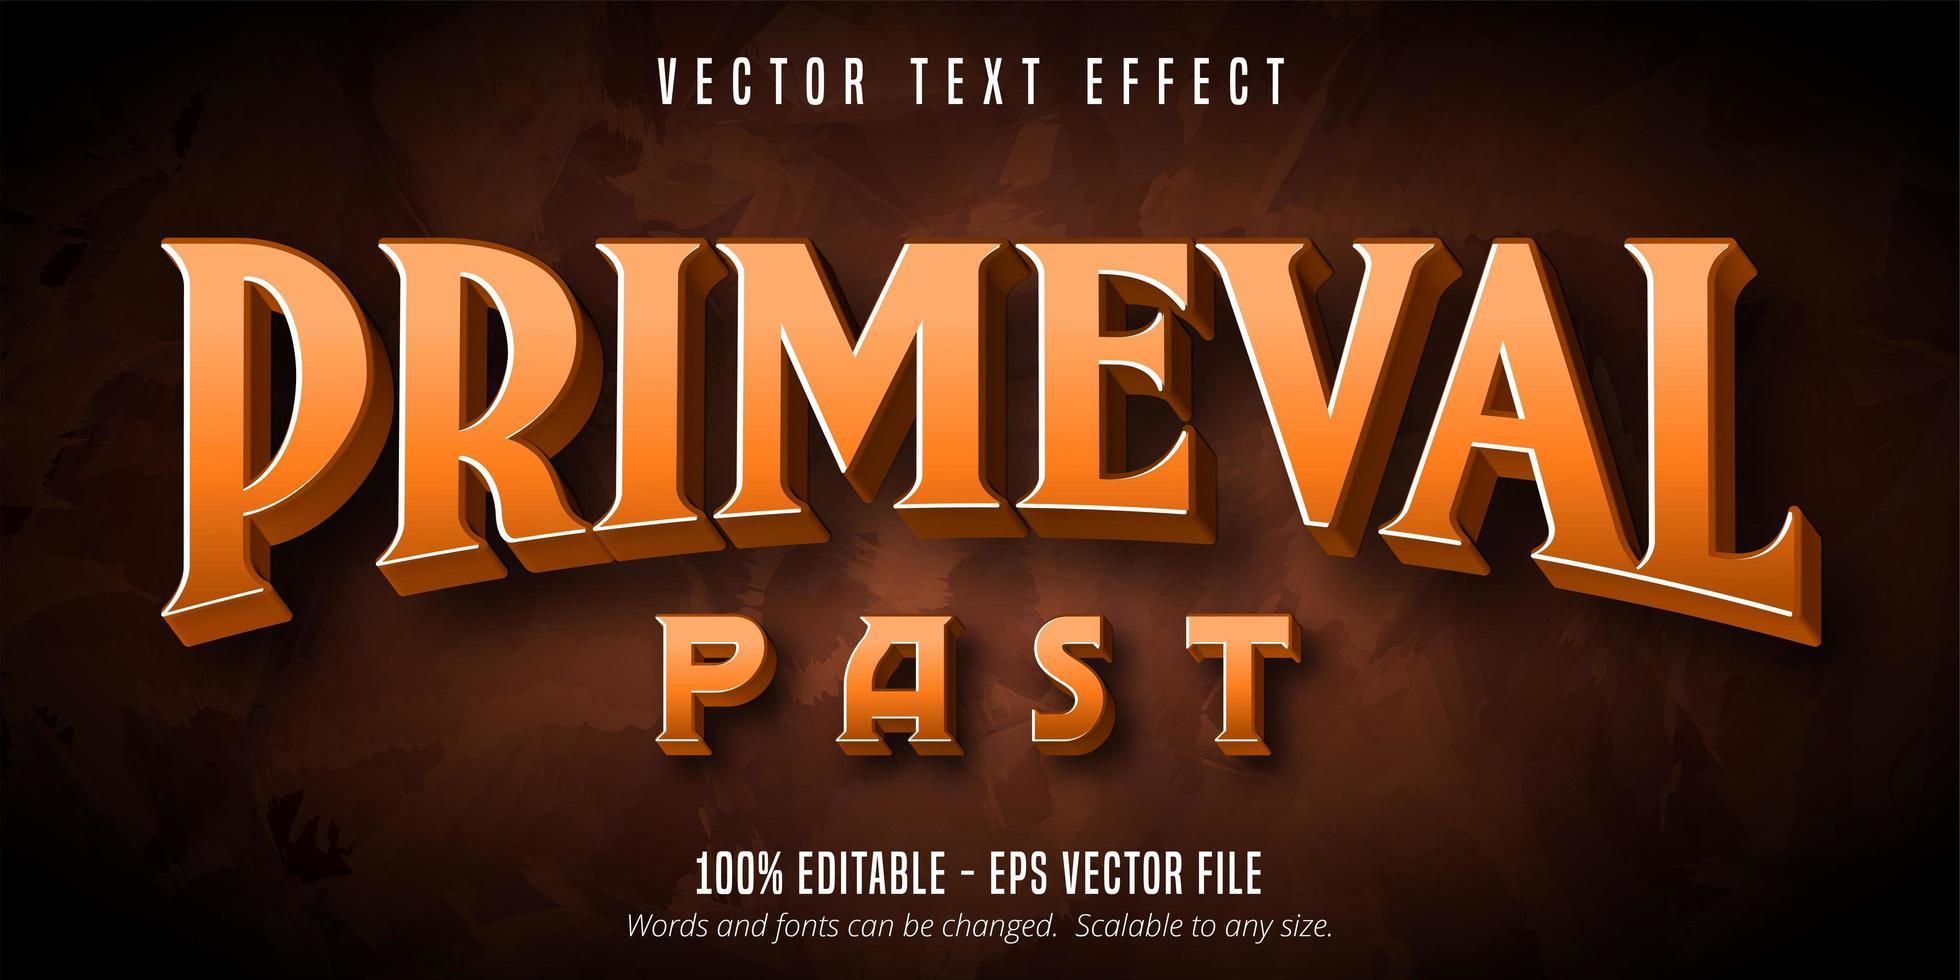 oer verleden bewerkbare teksteffect in primitieve stijl vector